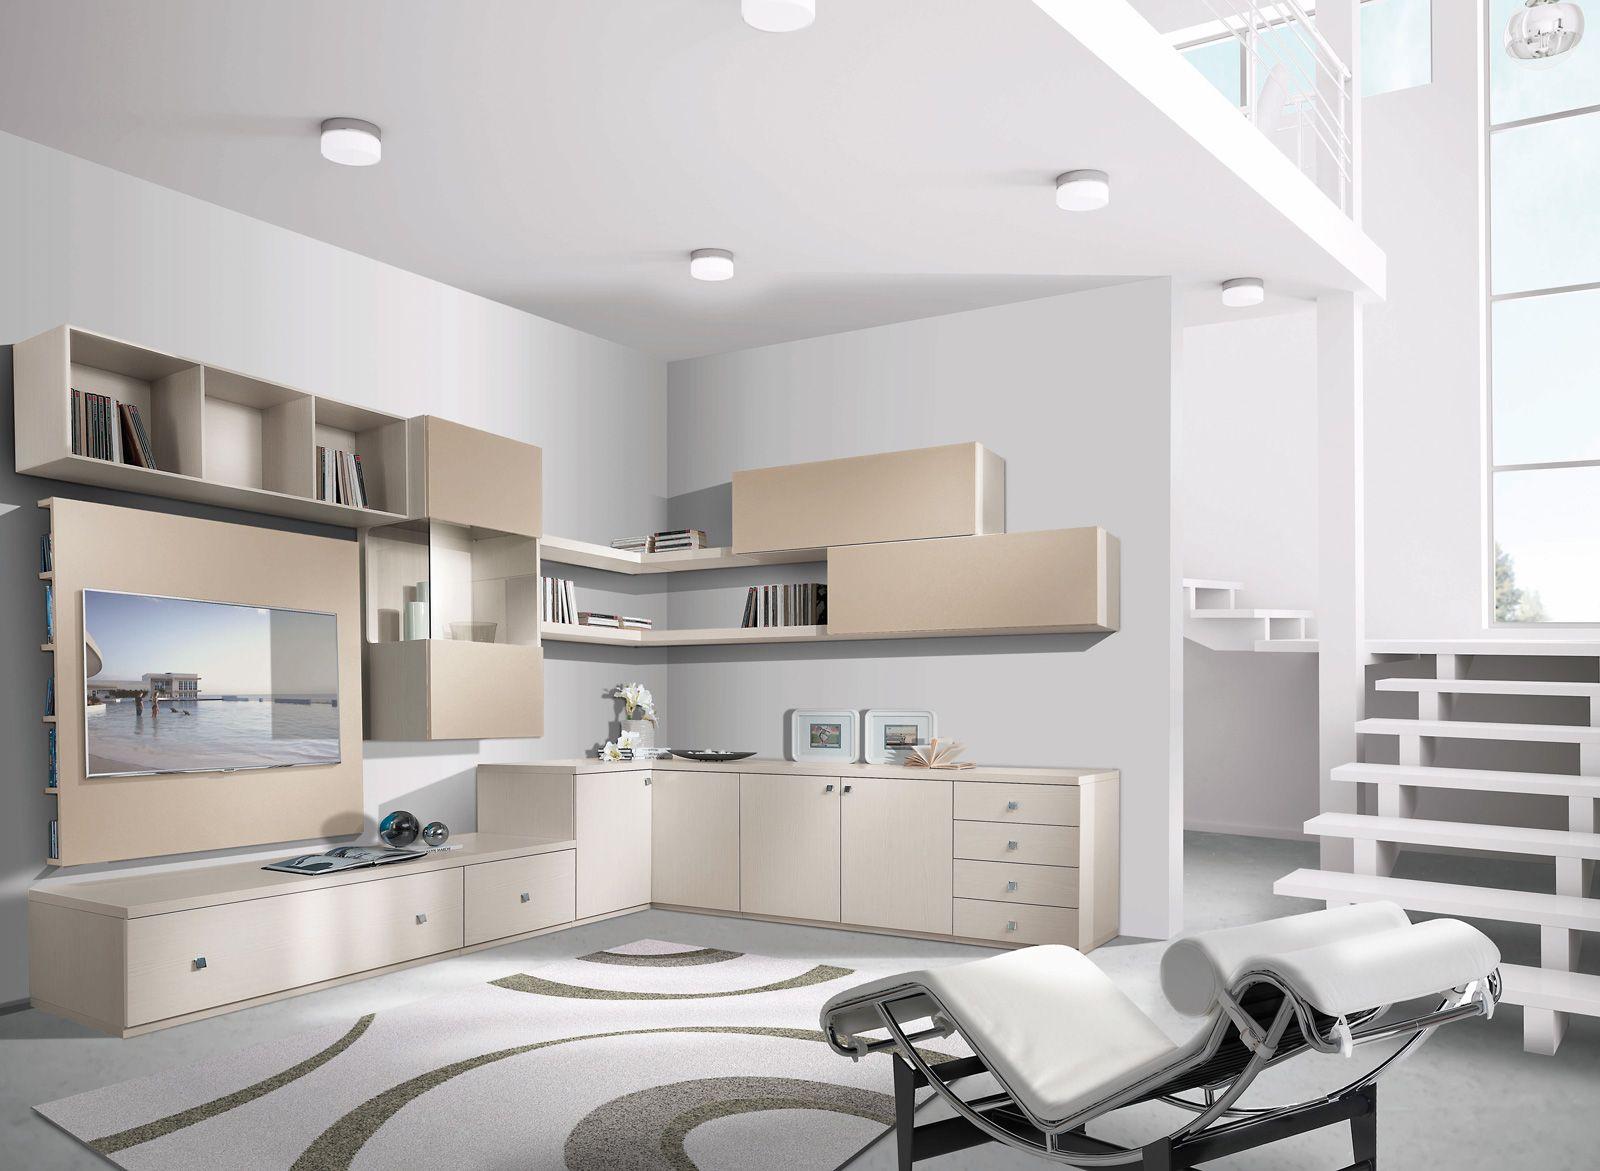 Librerie: pareti attrezzate multifunzione | Make a house a home ...